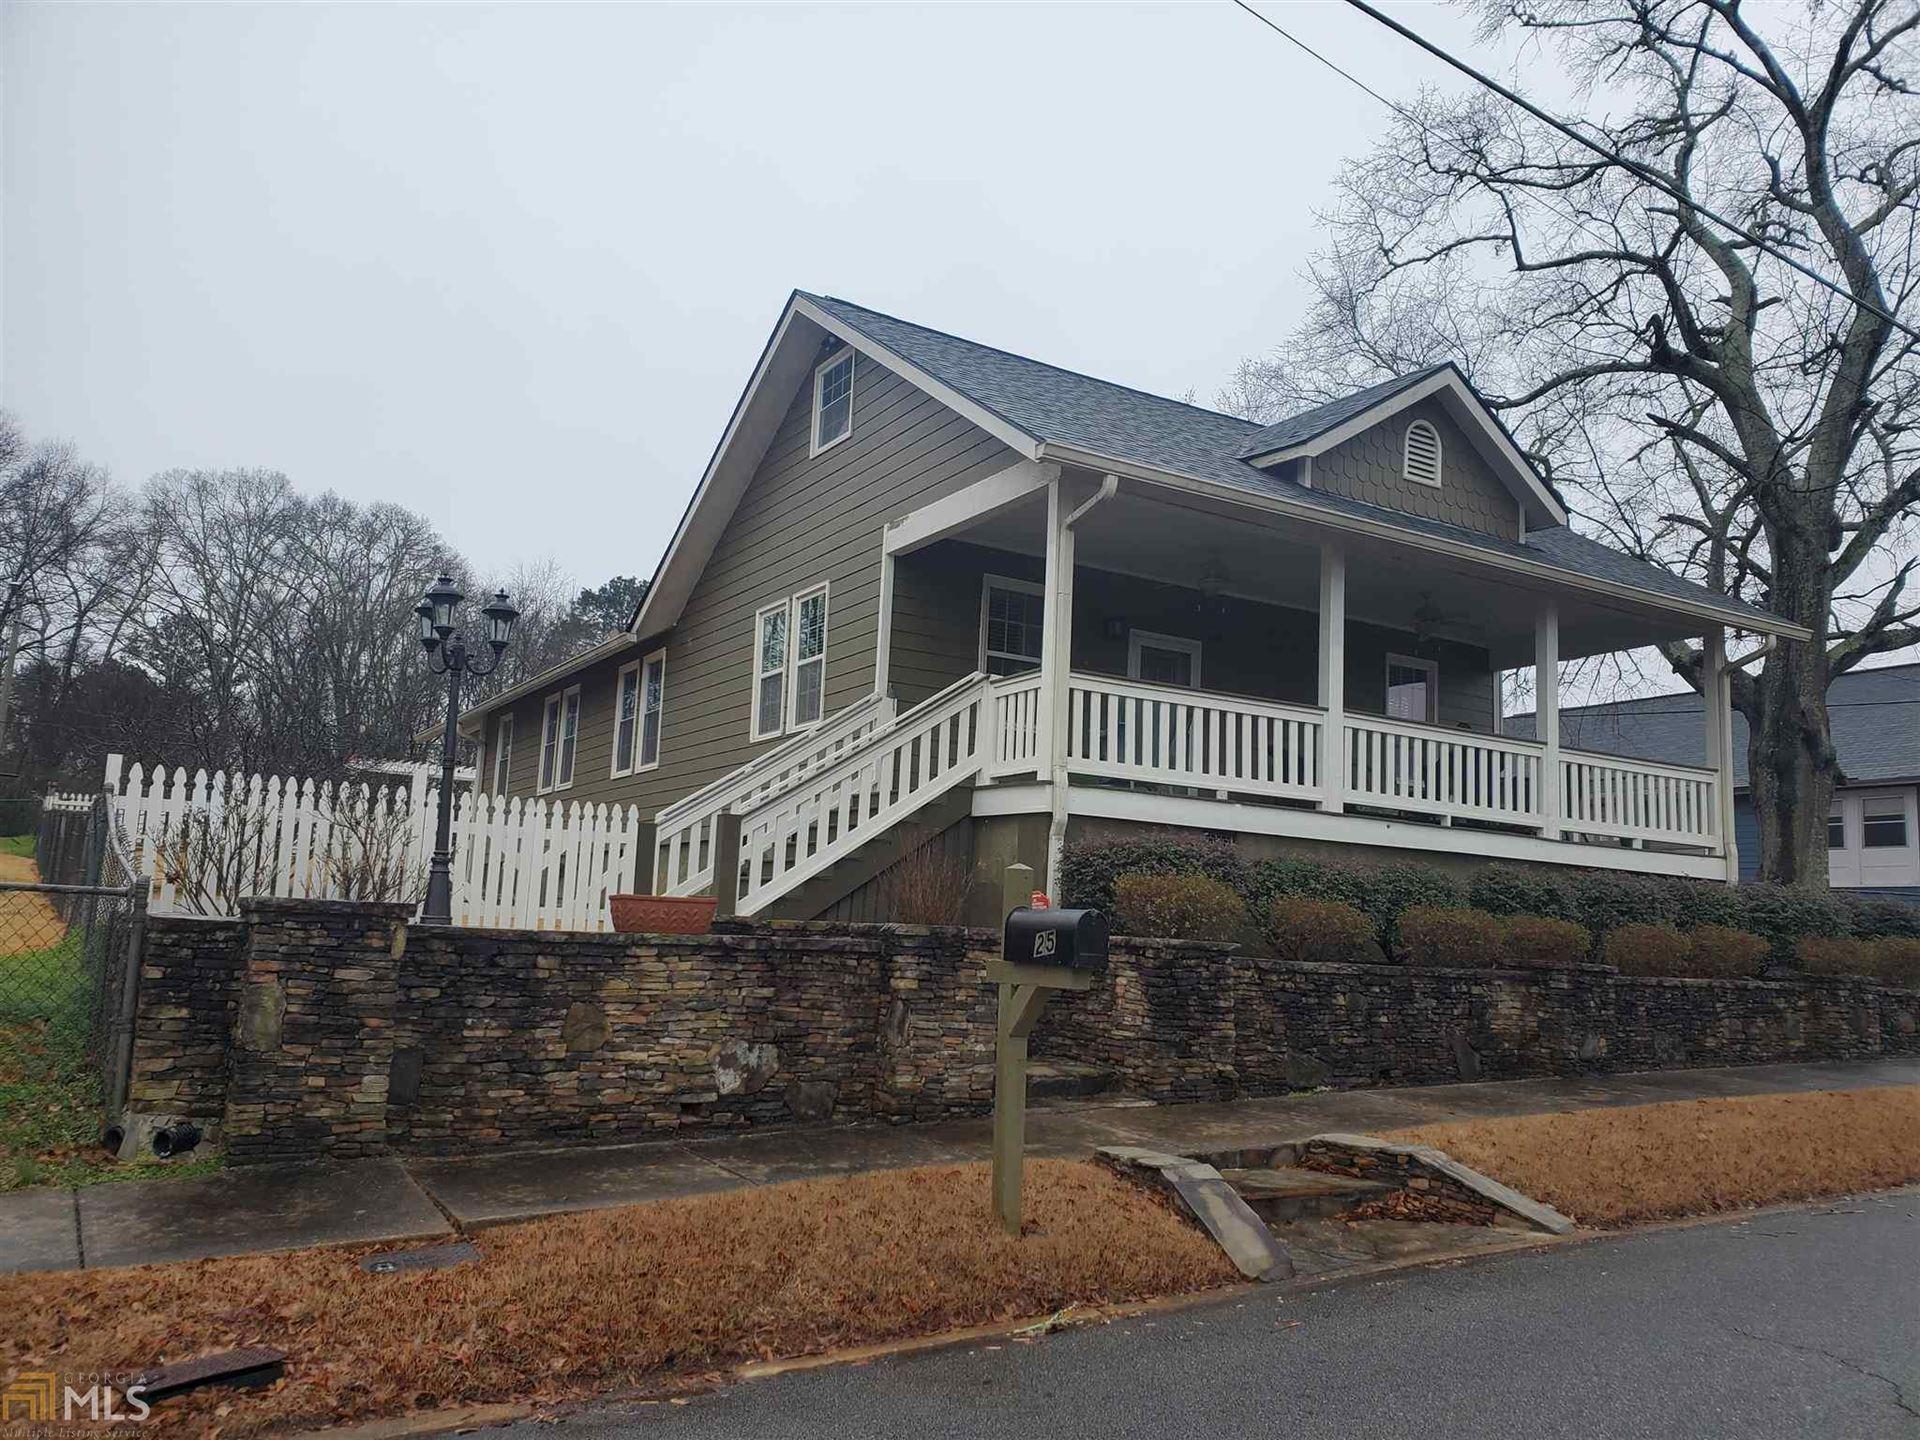 Photo of 25 E Elm St, Porterdale, GA 30014 (MLS # 8926981)